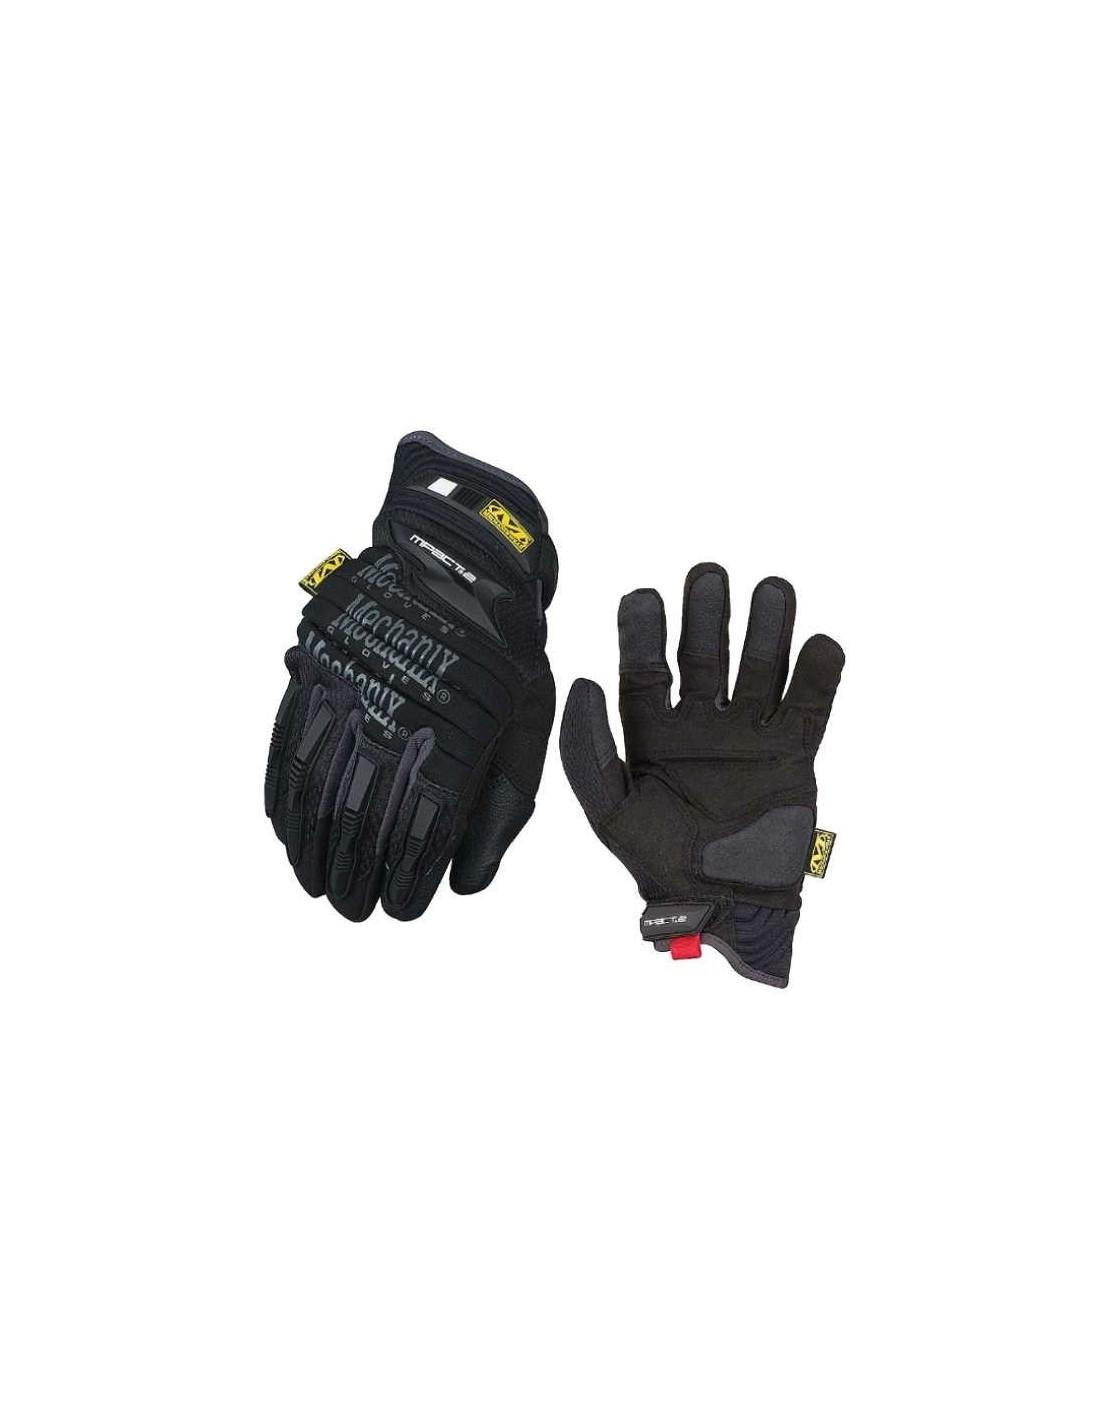 paire de gants pour m canicien assistance mechanix pact 2. Black Bedroom Furniture Sets. Home Design Ideas